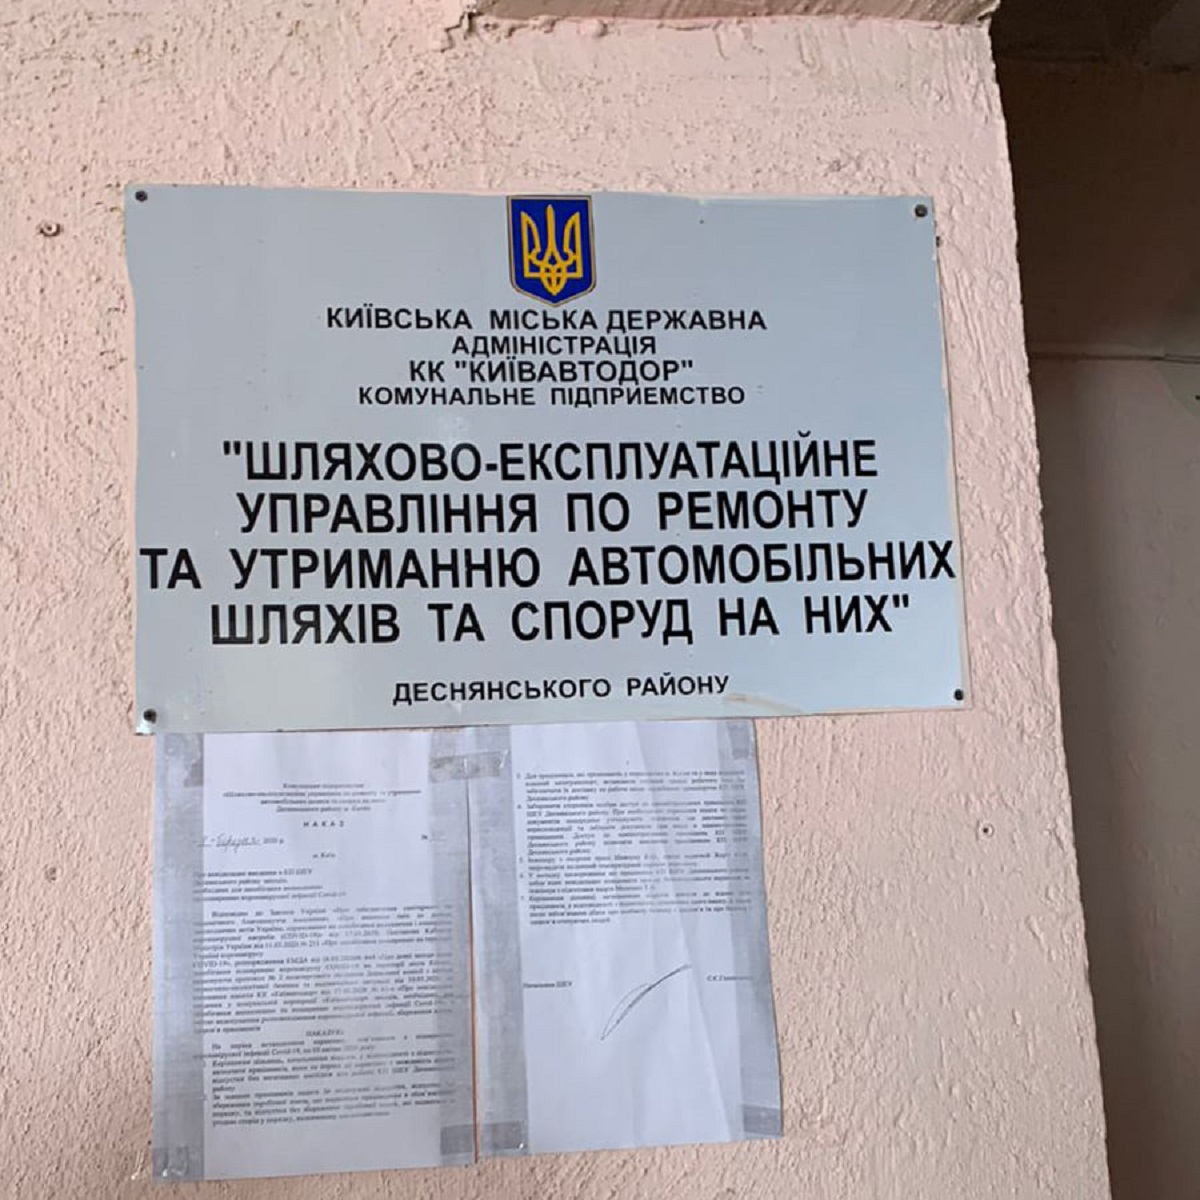 В Киевавтодоре проводят обыски, руководств подозревают в растрате — фото 1